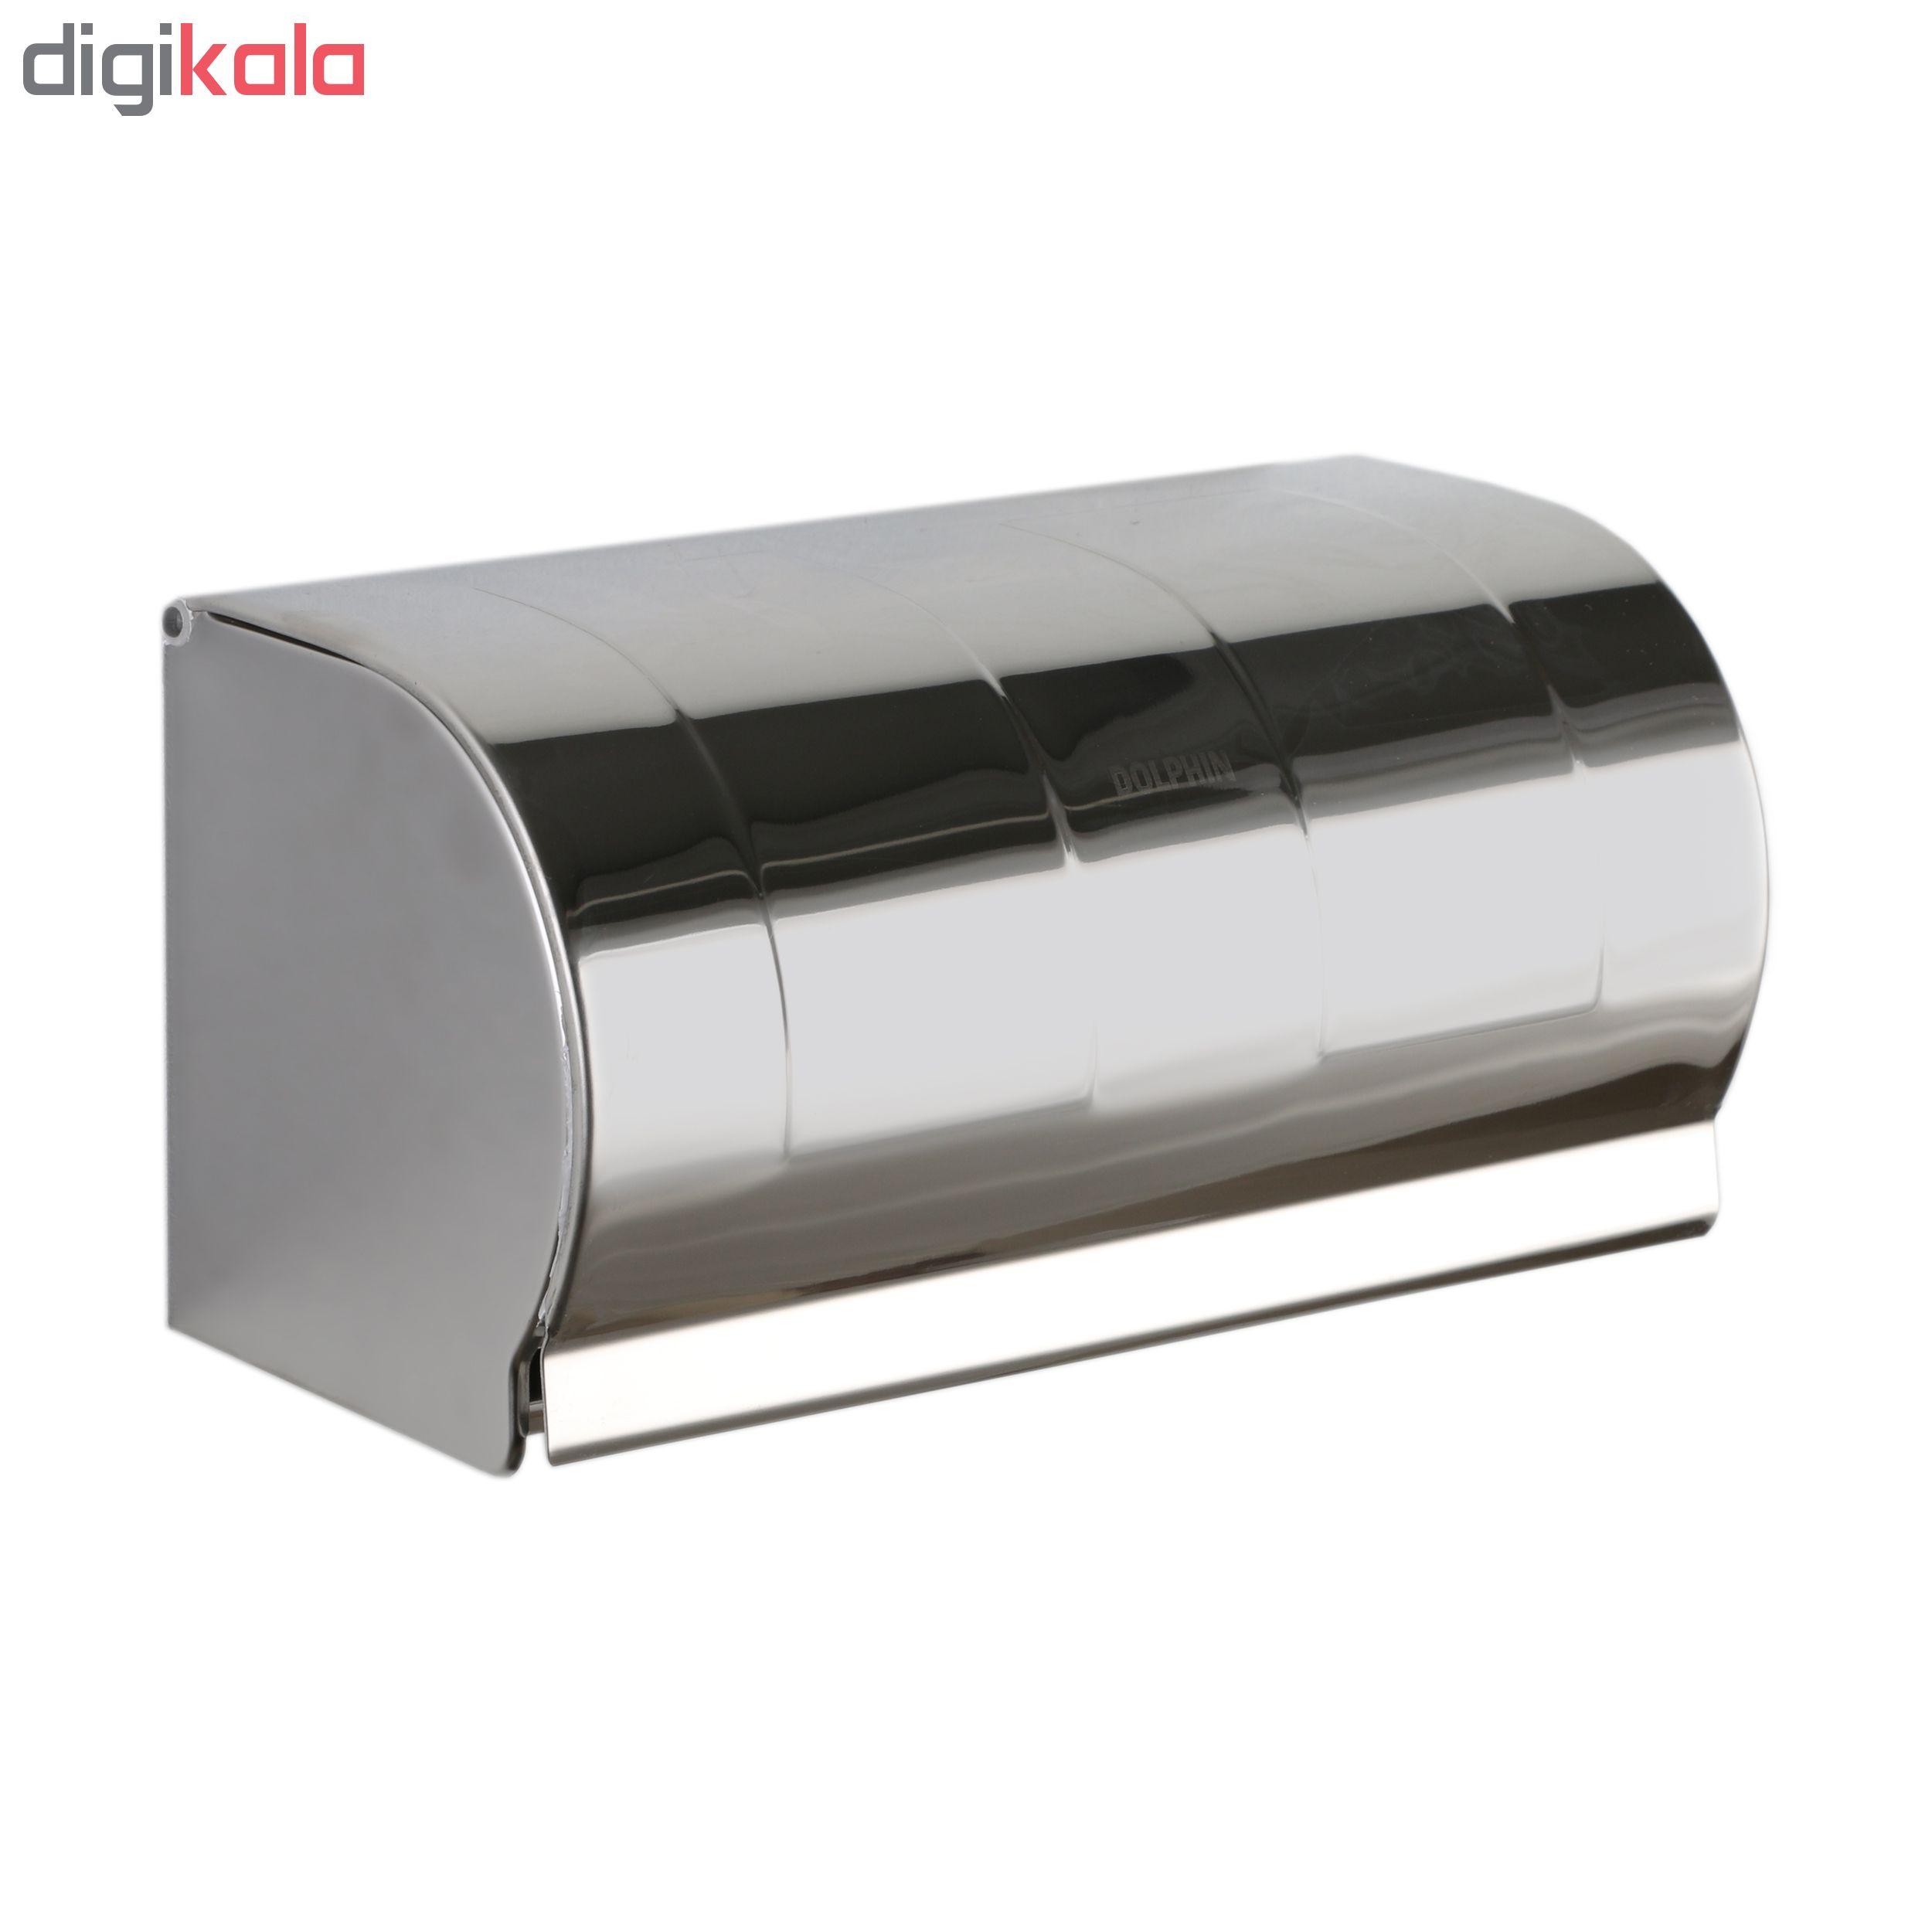 پایه رول دستمال کاغذی دلفین مدل K18-C main 1 1